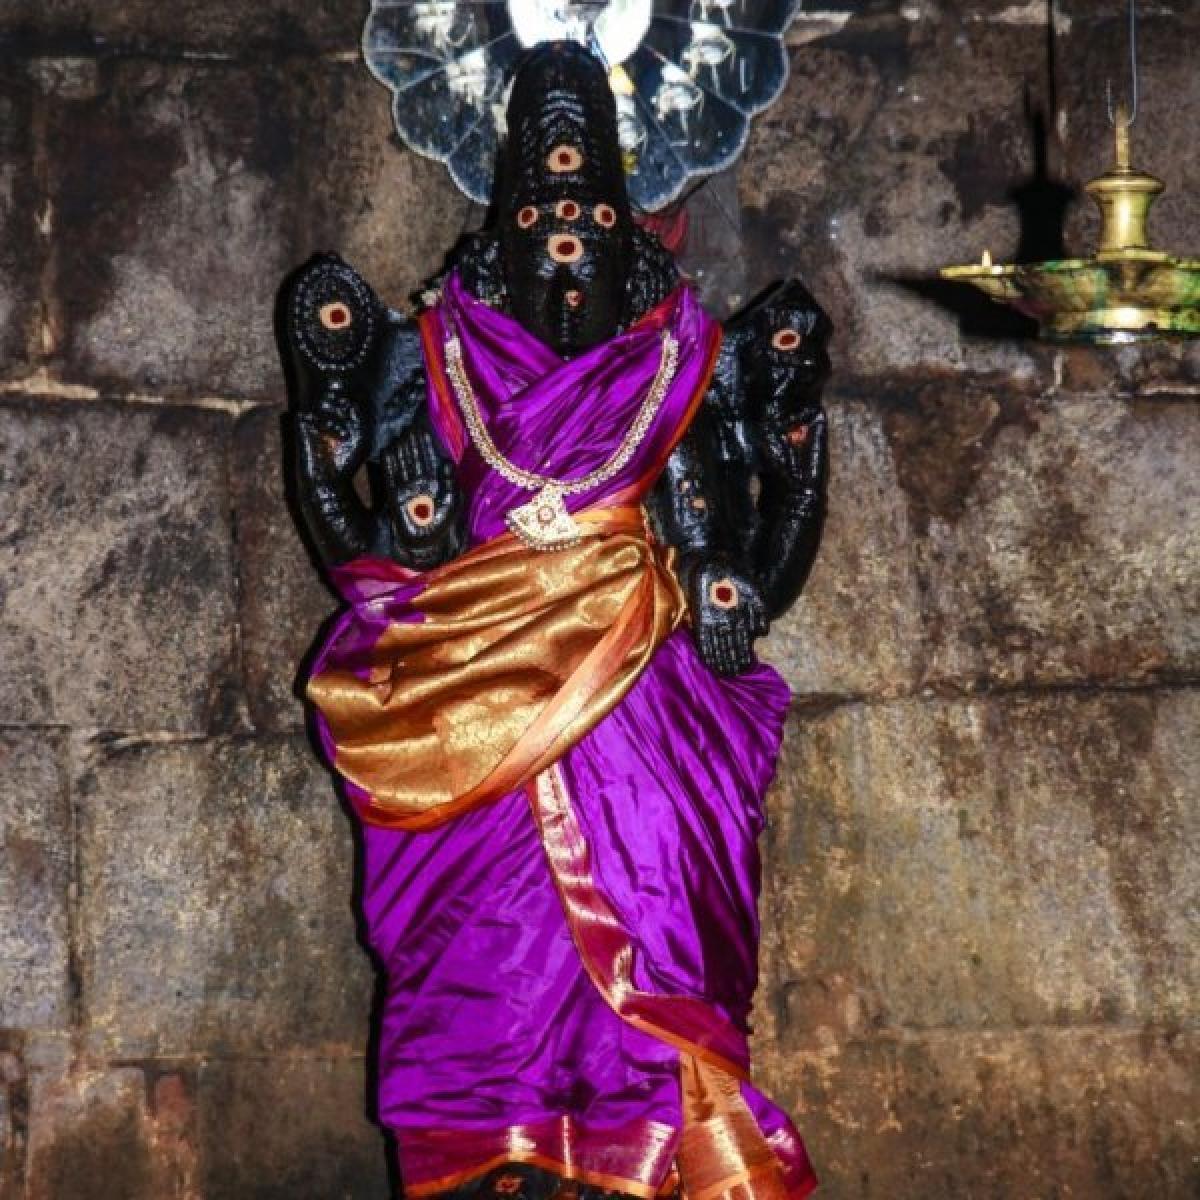 காமரசவல்லி சௌந்தரேஸ்வரருக்கு `கார்க்கோடகன்' என்று பெயர் வந்தது ஏன் தெரியுமா?